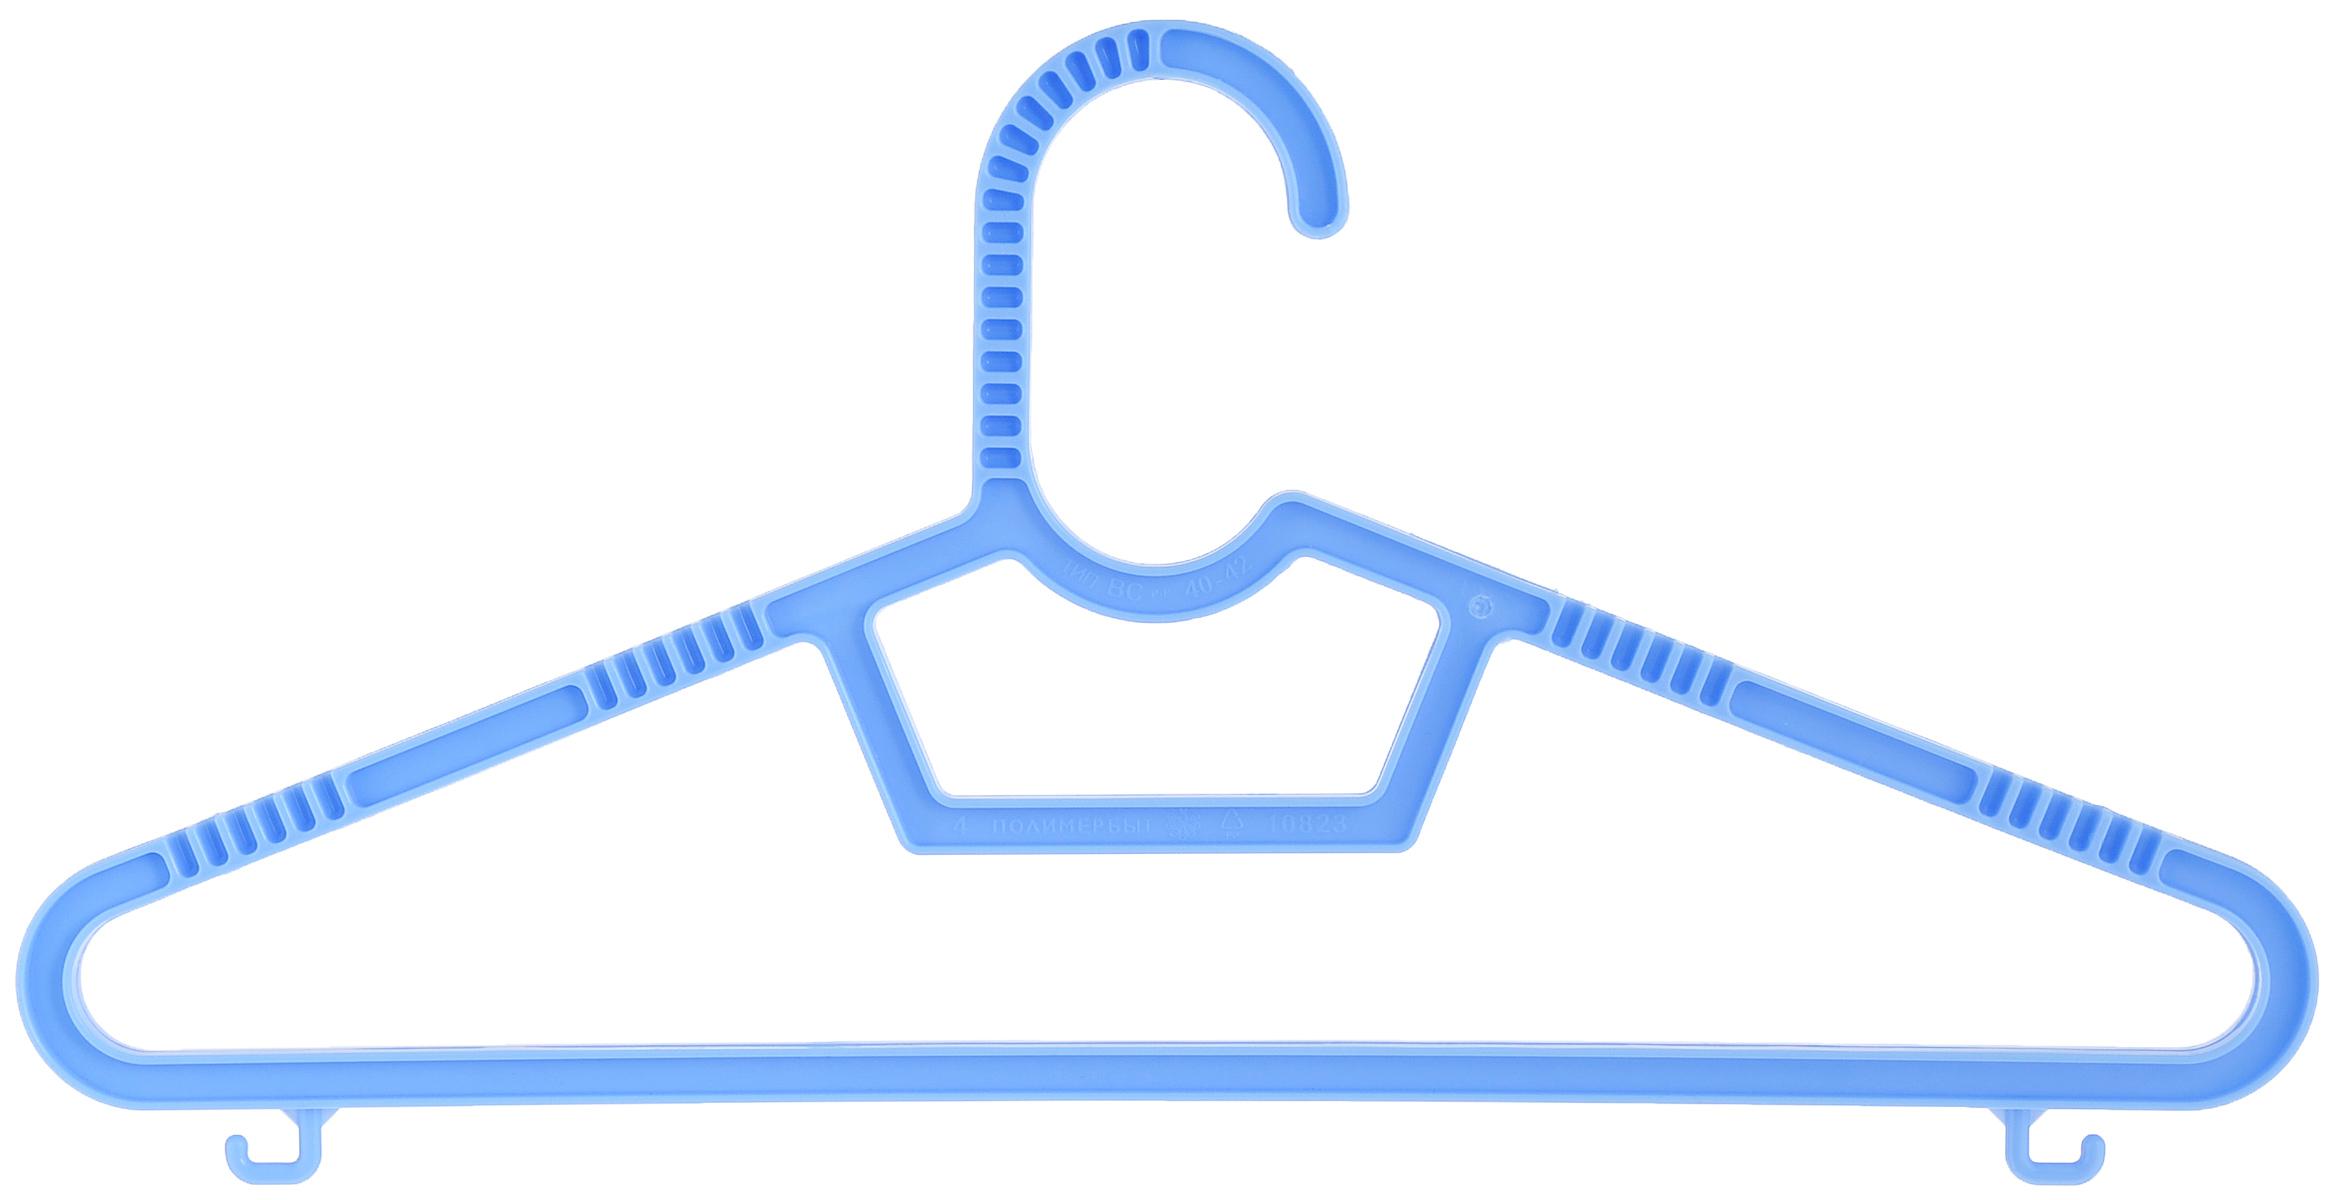 Набор детских вешалок Полимербыт, цвет: голубой, размер 40-42, 3 штCLP446Набор Полимербыт состоит из трех детских вешалок для одежды, выполненных из пластика. У вешалок есть перекладина и два небольших крючка по бокам. Плечики вешалки подойдут для одежды размера 40-42. Вешалка - это незаменимая вещь для того, чтобы ваша одежда всегда оставалась в хорошем состоянии.